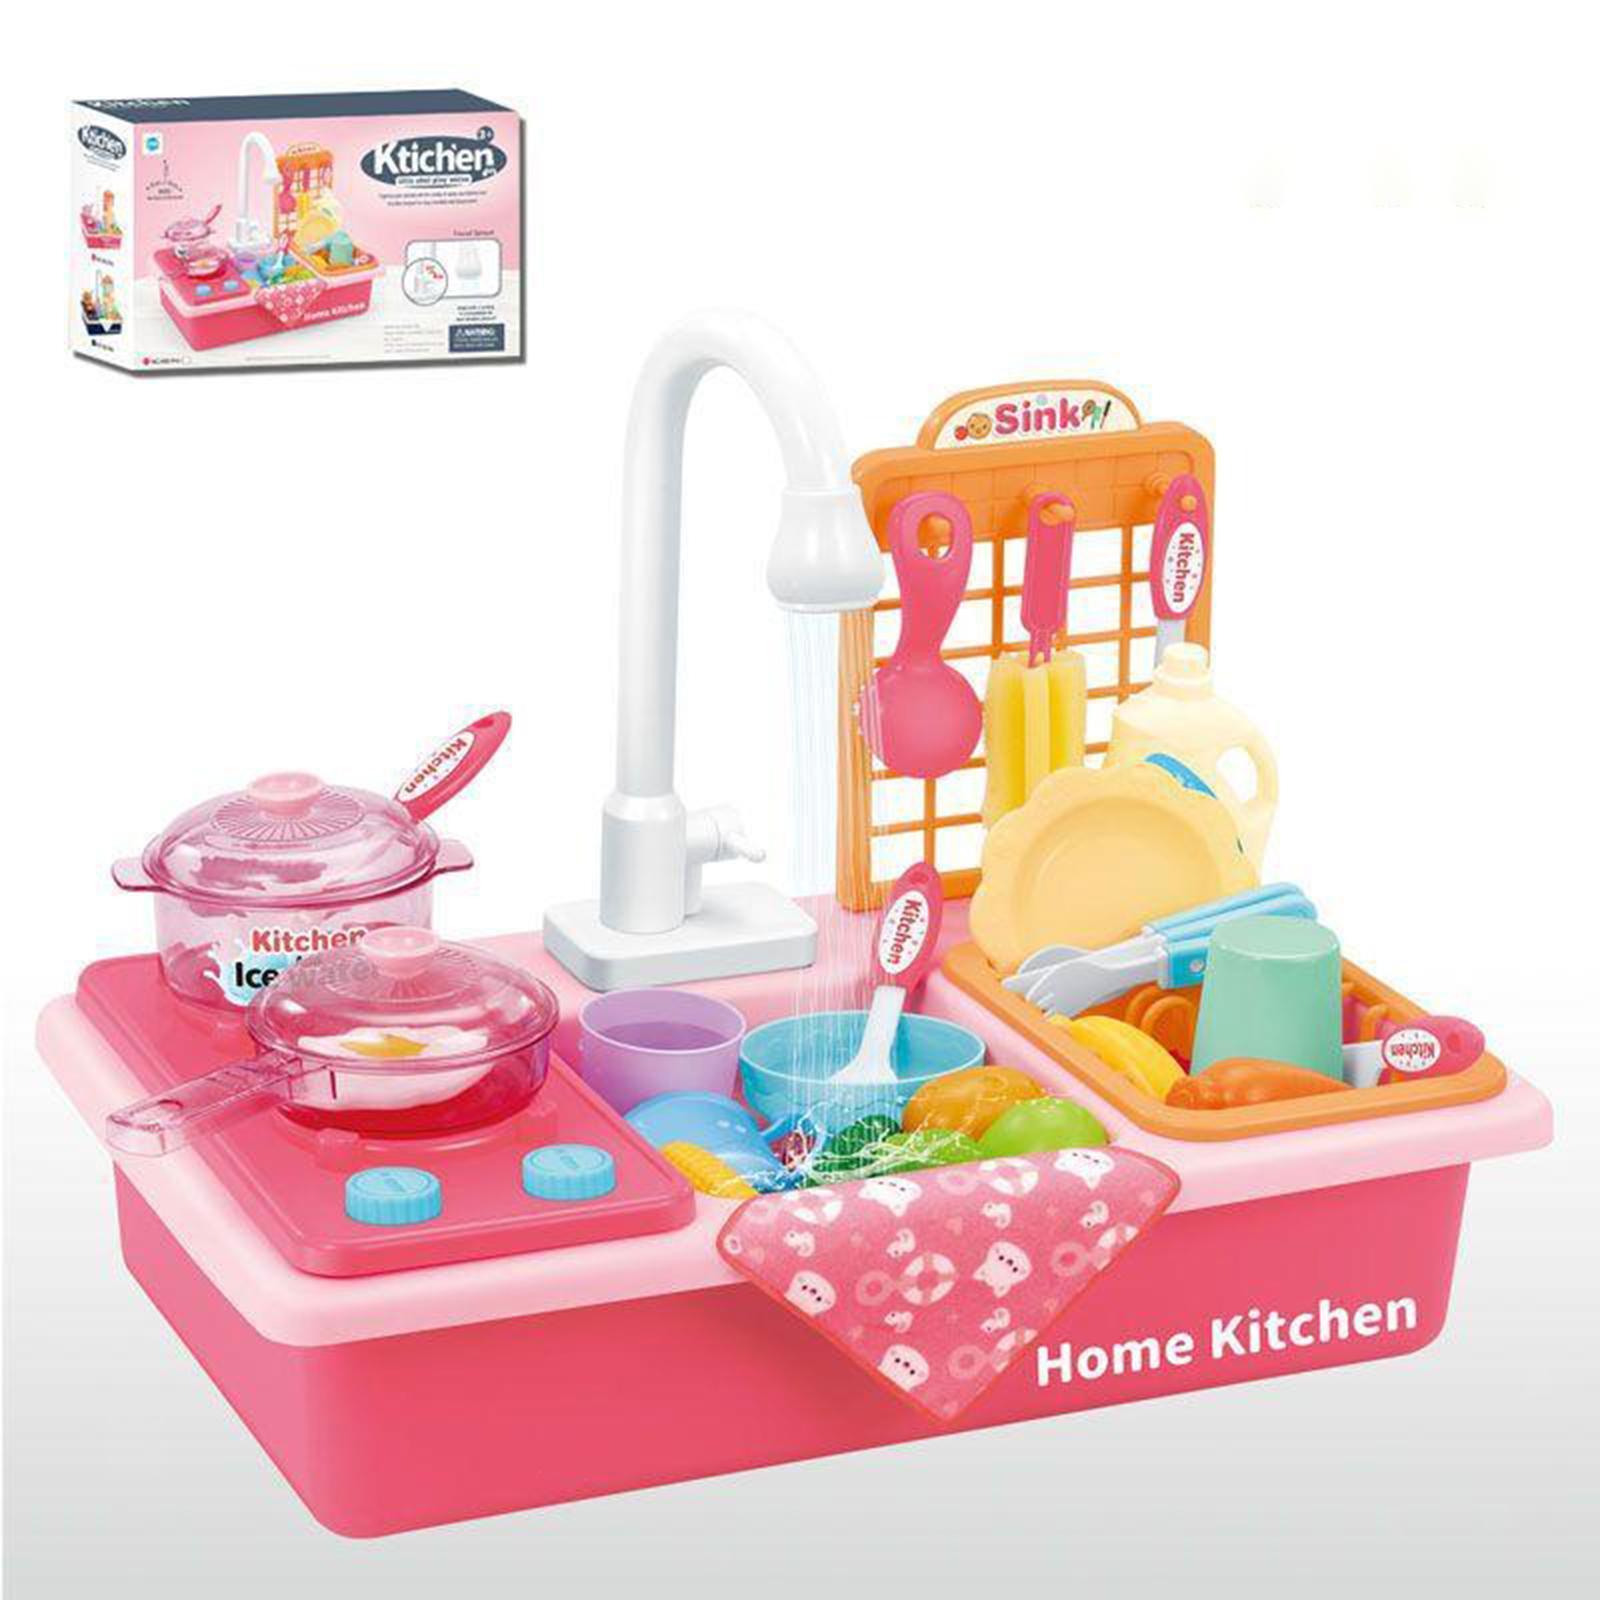 Indexbild 34 - Kinder-Kueche-Spielen-Waschbecken-Spielzeug-Automatische-Wasser-Zyklus-System